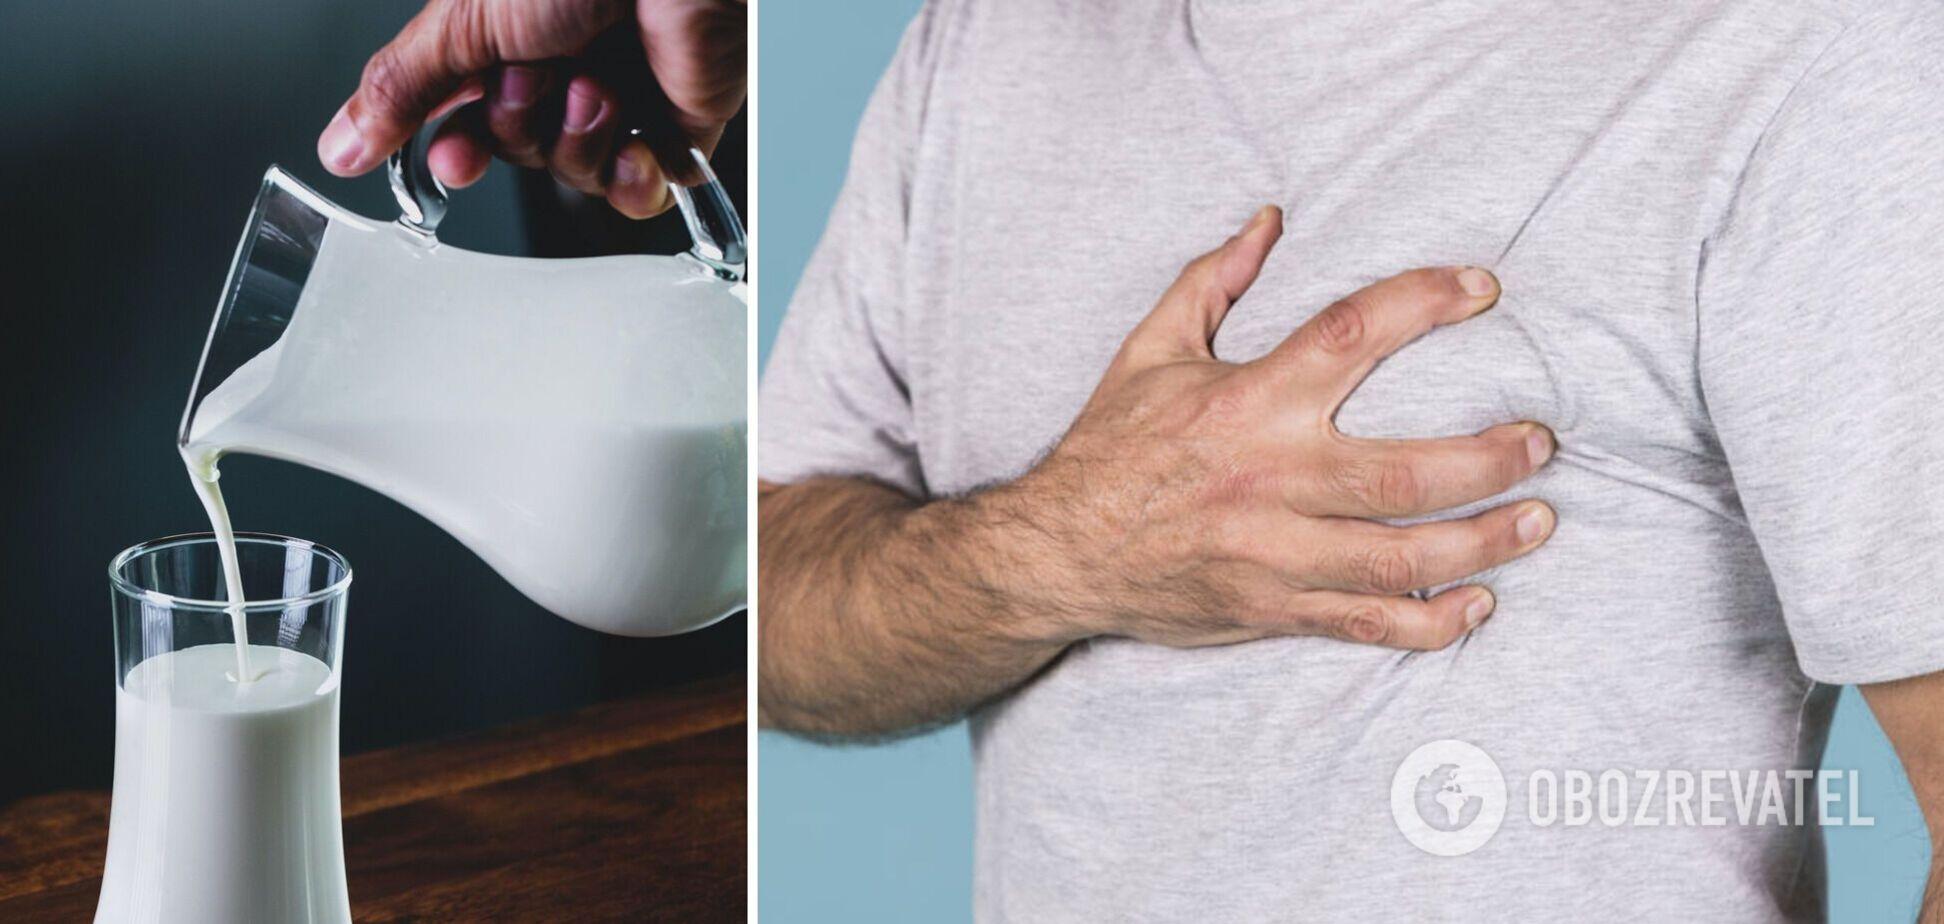 Употребление молока может снизить риск сердечных заболеваний на 14%: результаты исследования